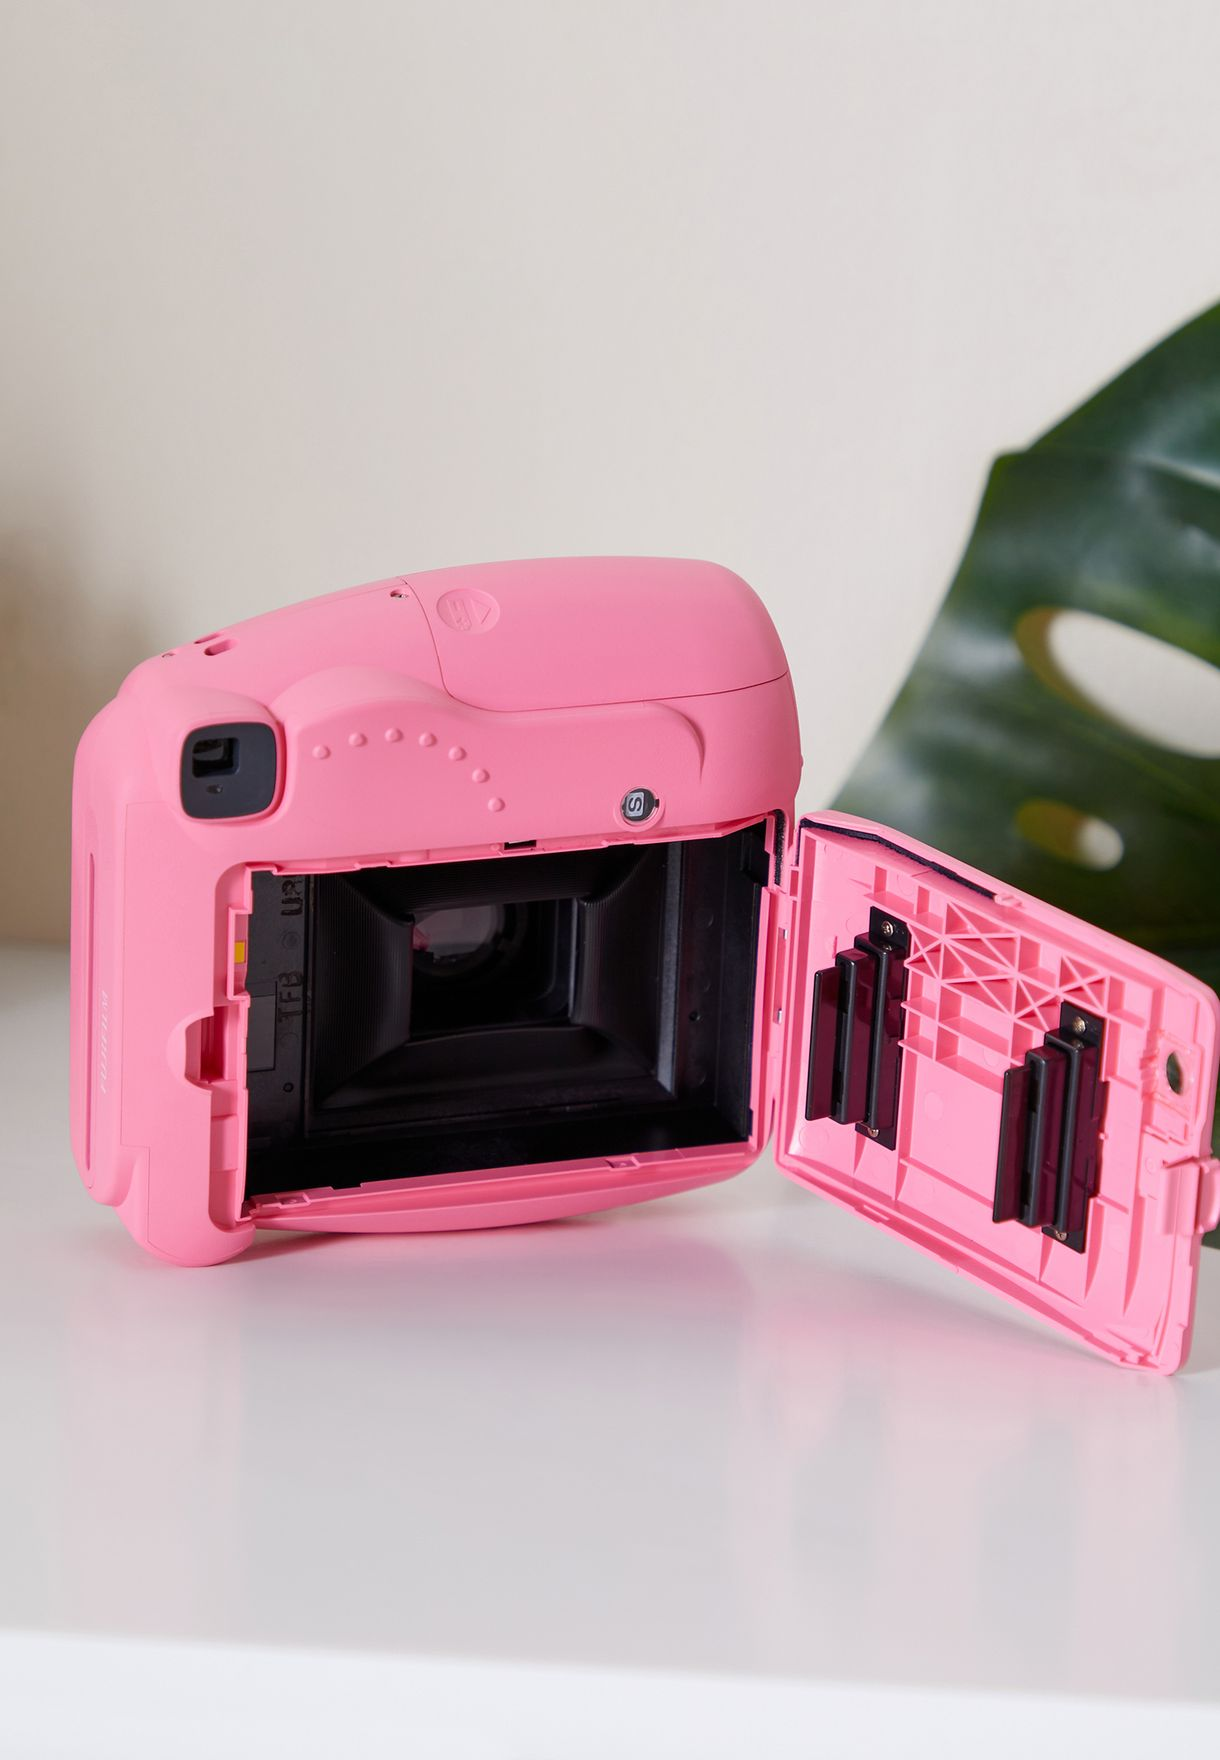 Fujifim Instax Mini 9 Camera Value Pack Bundle